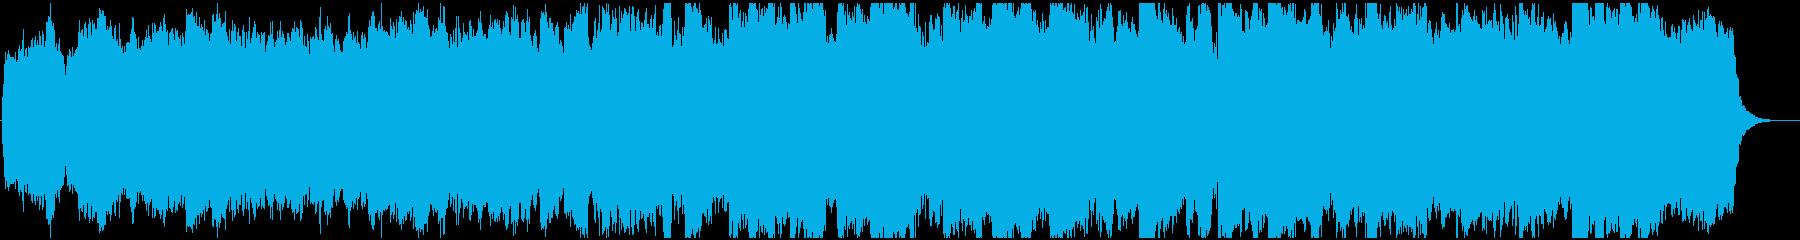 本格的なパイプオルガンで演奏される...の再生済みの波形